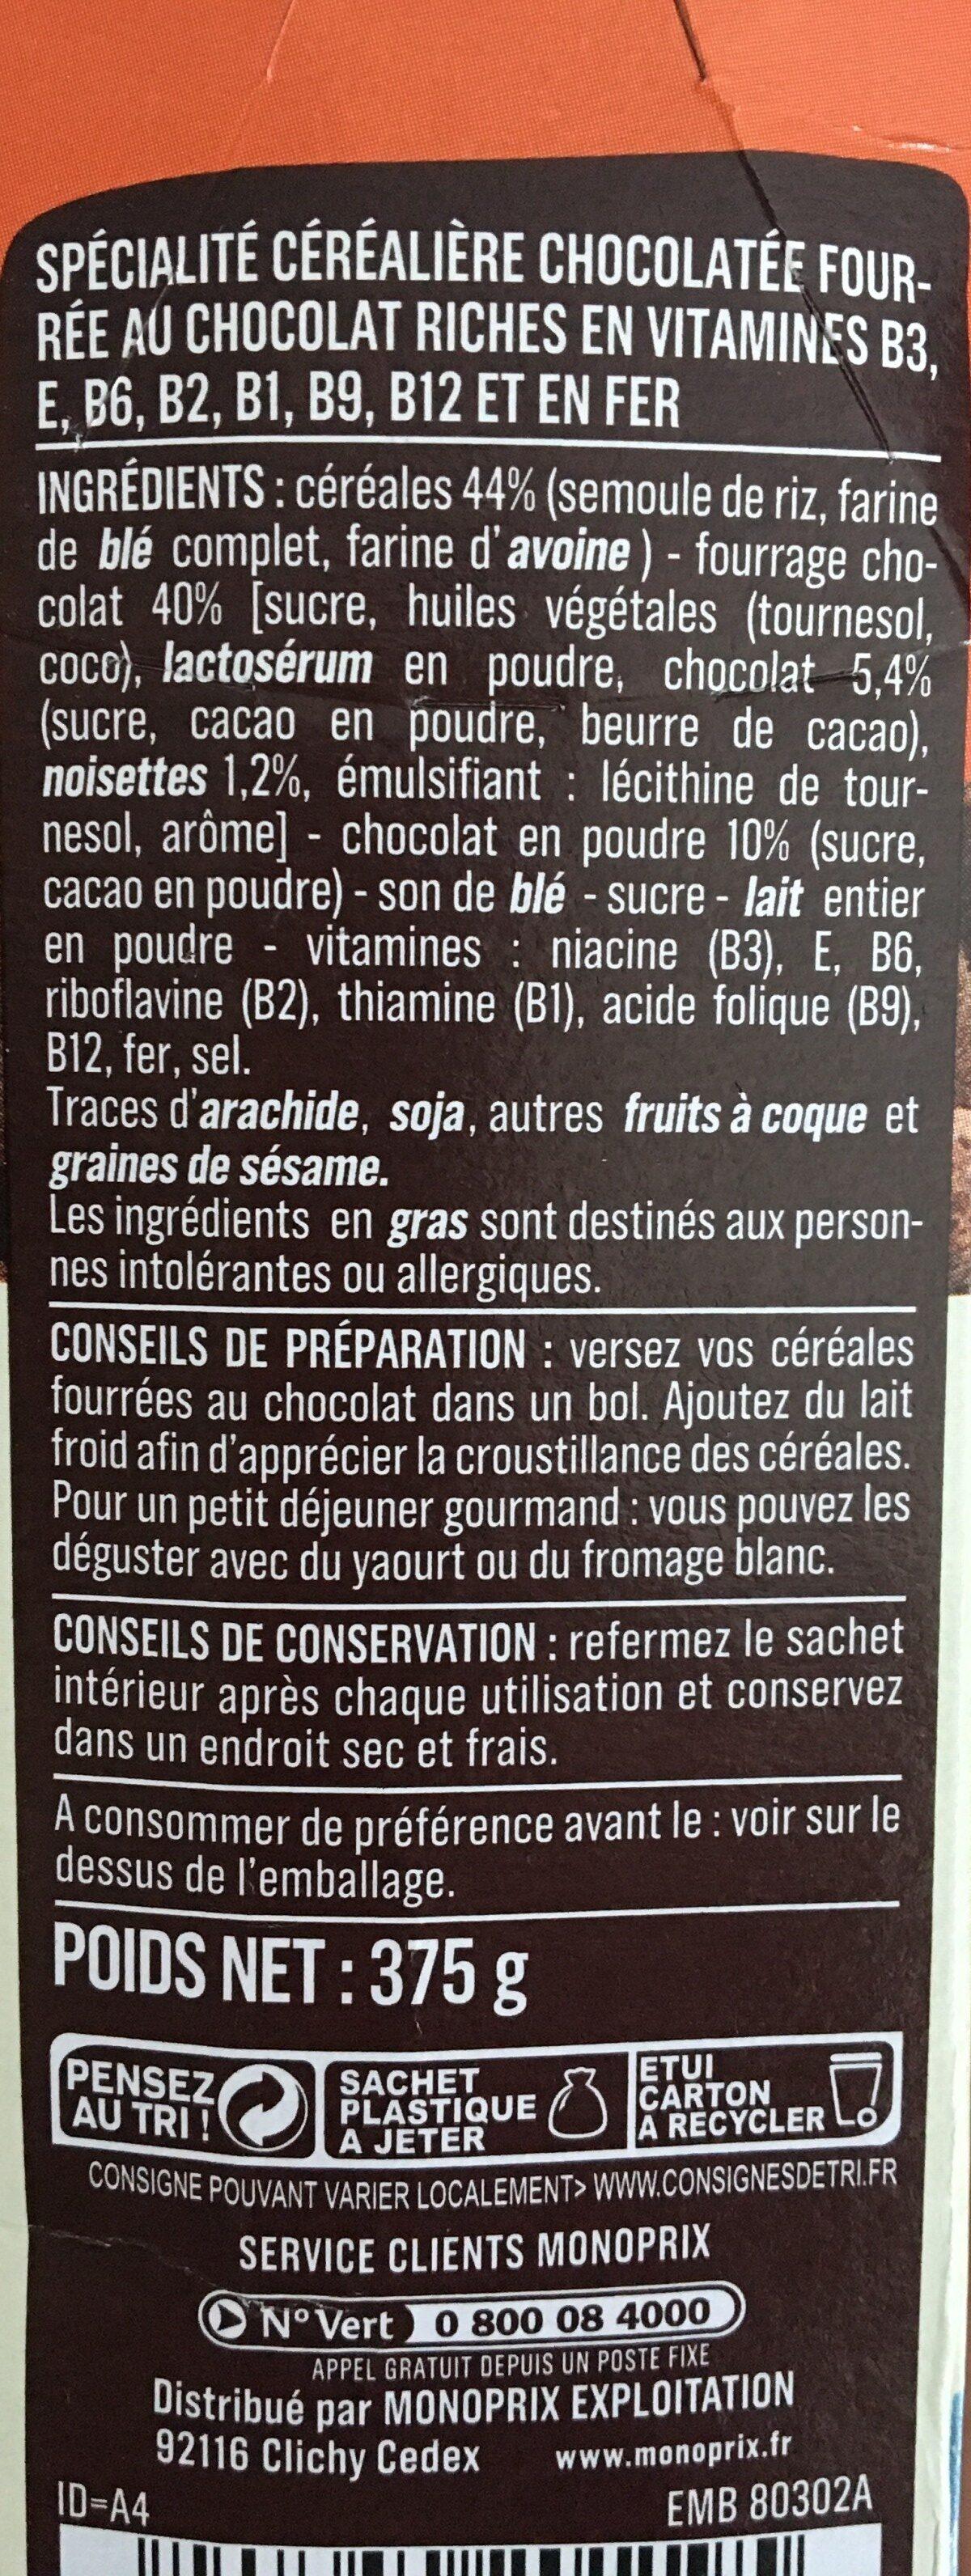 Céréales fourrées chocolat - Ingrédients